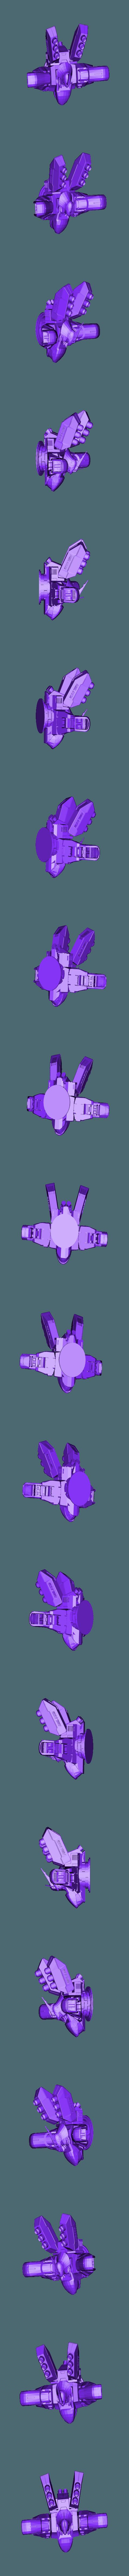 Merge_of_sazabi_Rescaled10_cut_1_Rescaled0.7_Rescaled0.9_Rescaled0.8_Rescaled0.800-1.000-1.000.stl Télécharger fichier STL gratuit Gundam Chess Pieces partie 2 • Modèle imprimable en 3D, Peanut3DButter